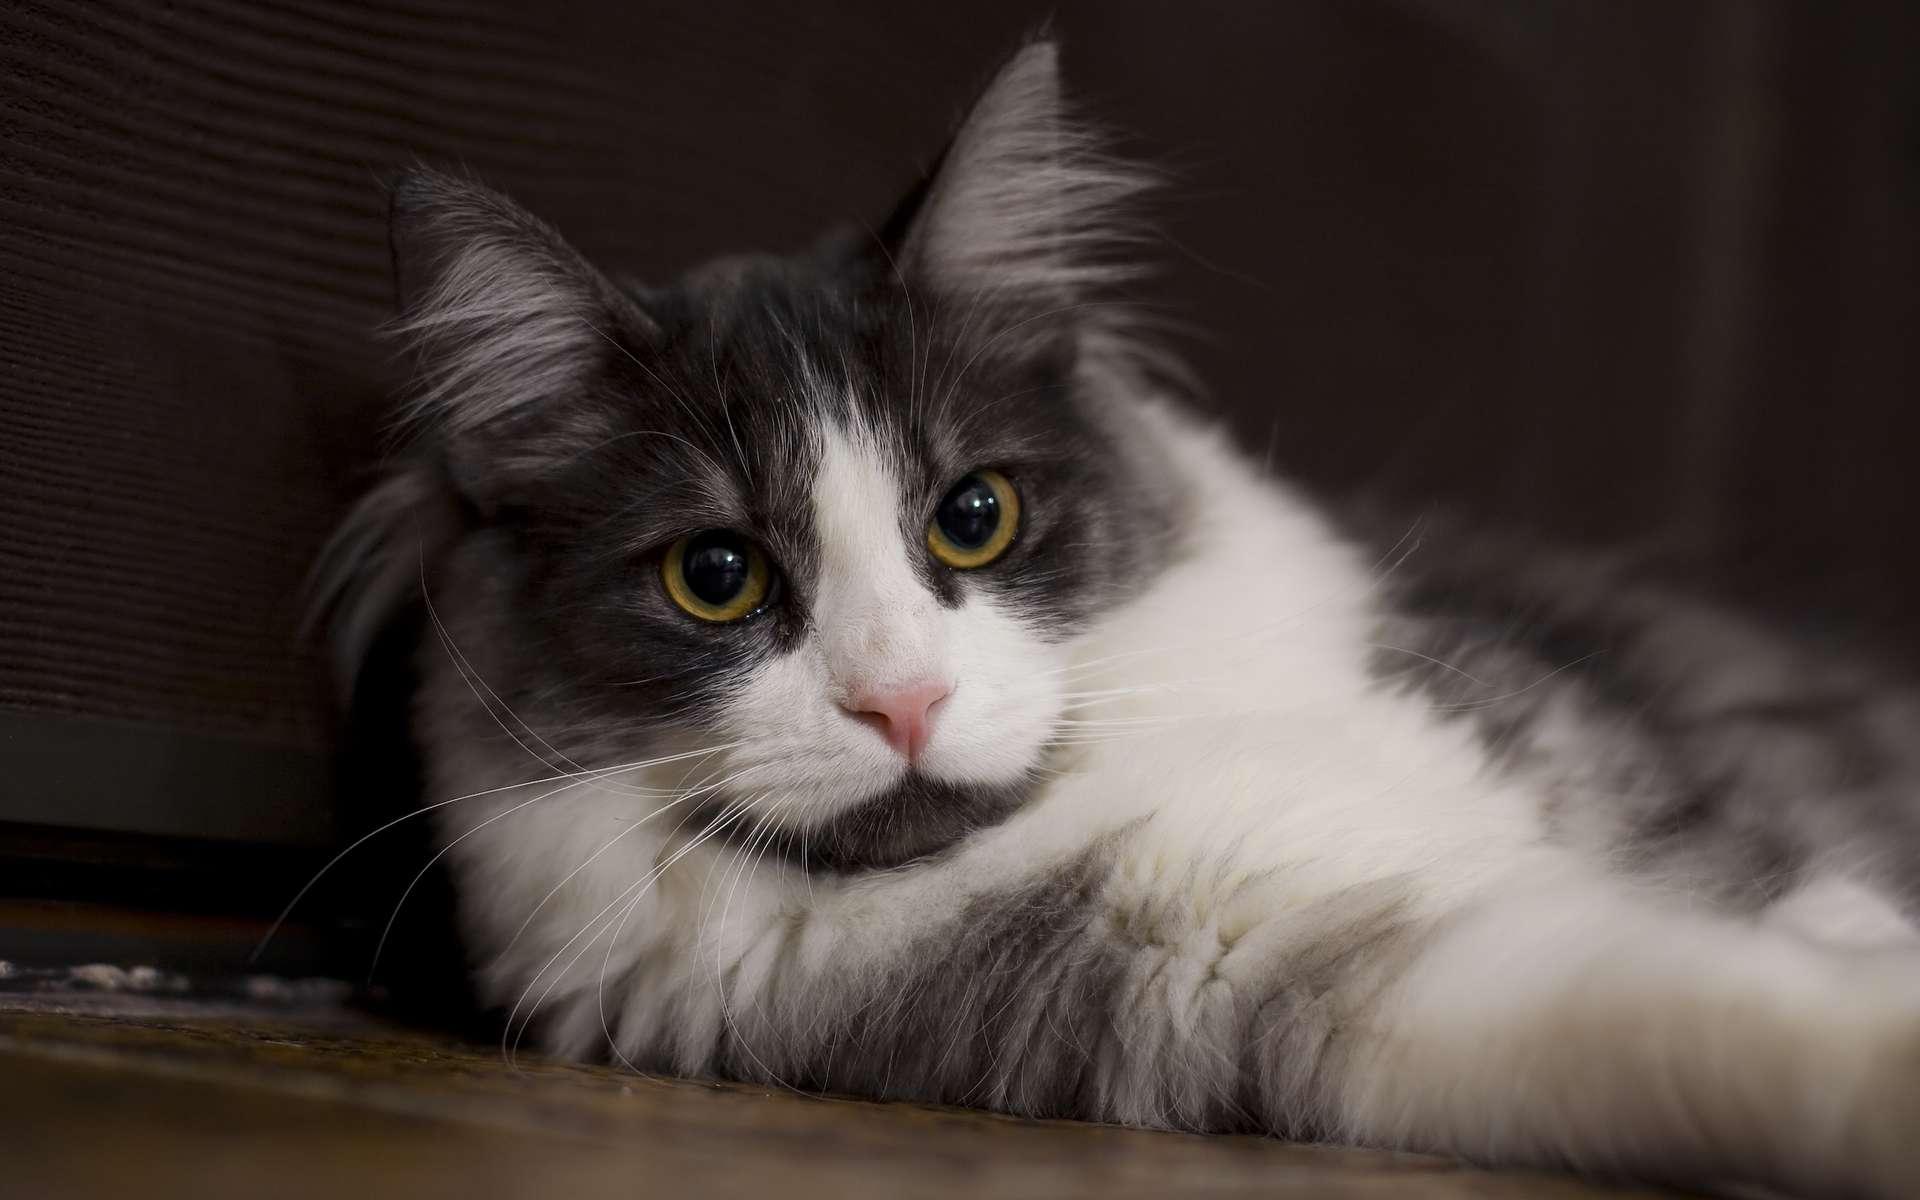 Le chat s'adapte parfaitement à la vie en appartement. © Ryan, Flickr